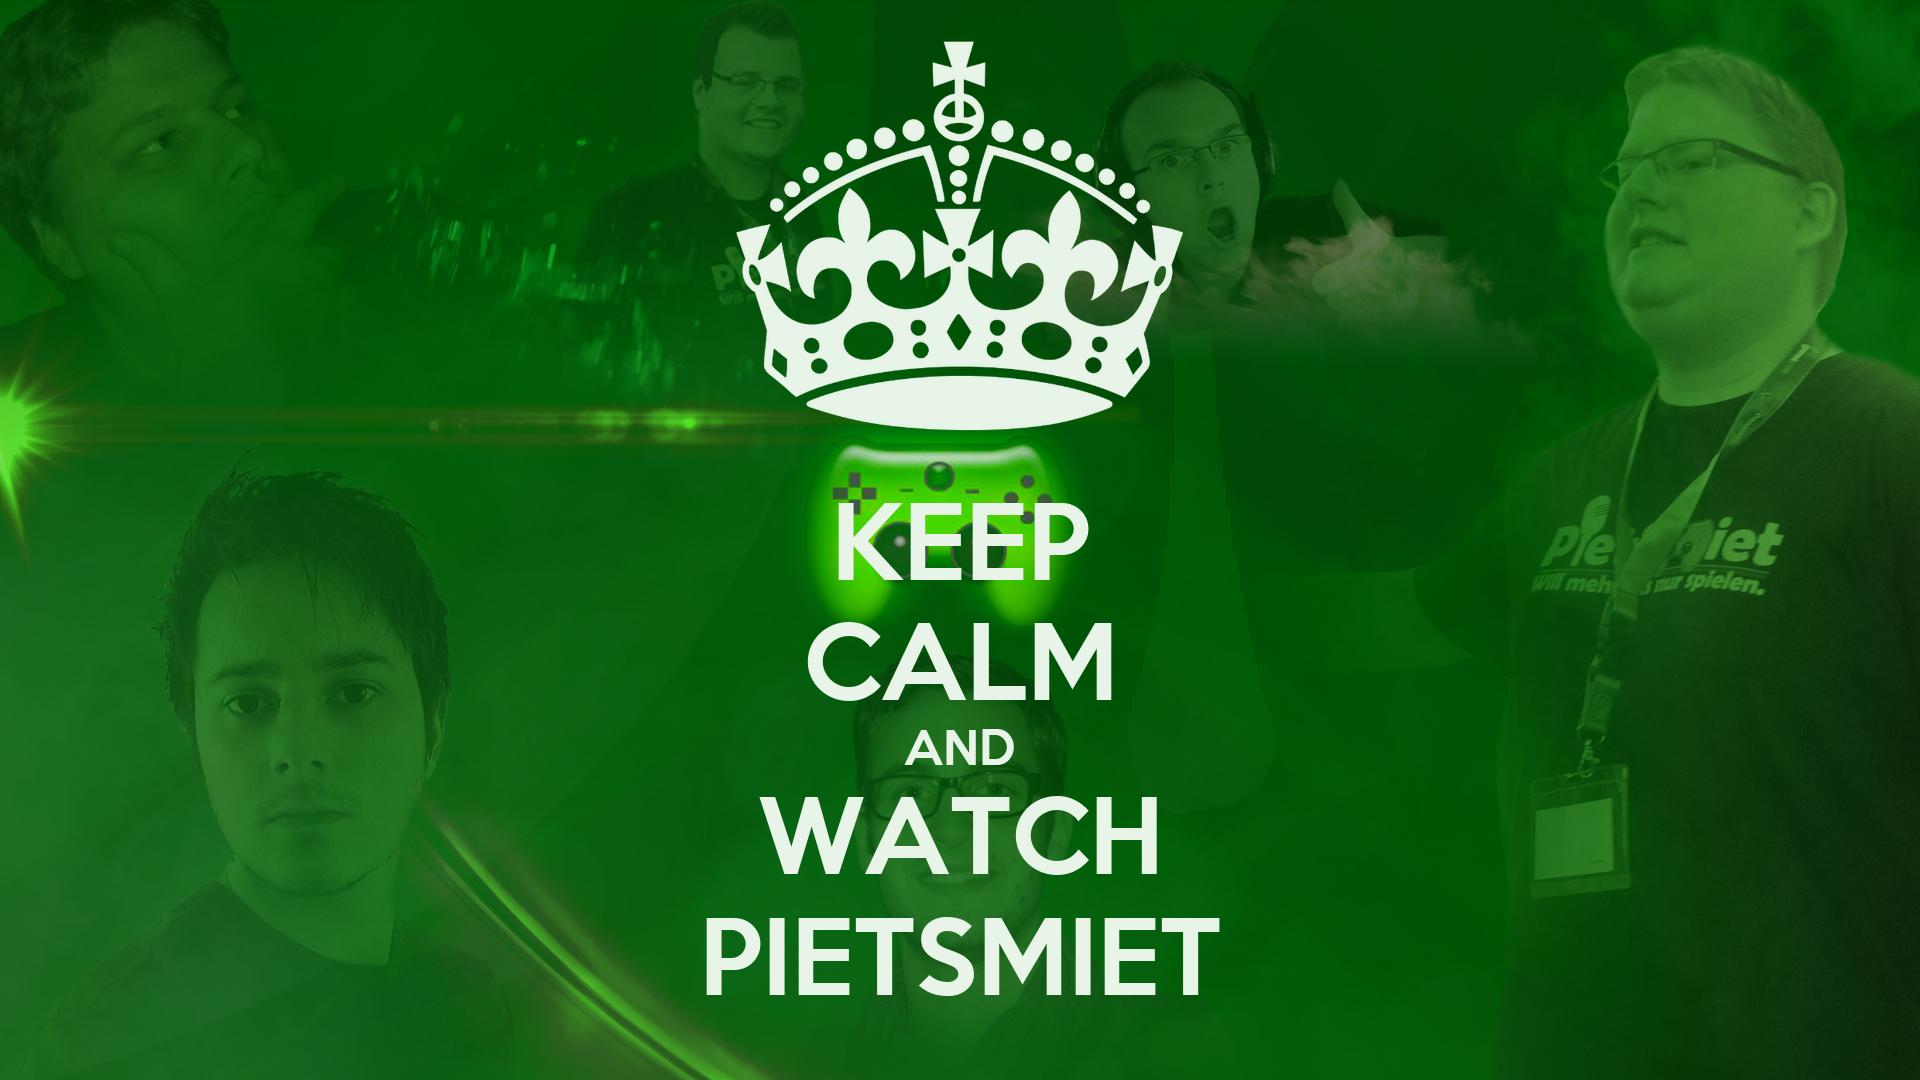 KEEP CALM AND WATCH PIETSMIET Poster